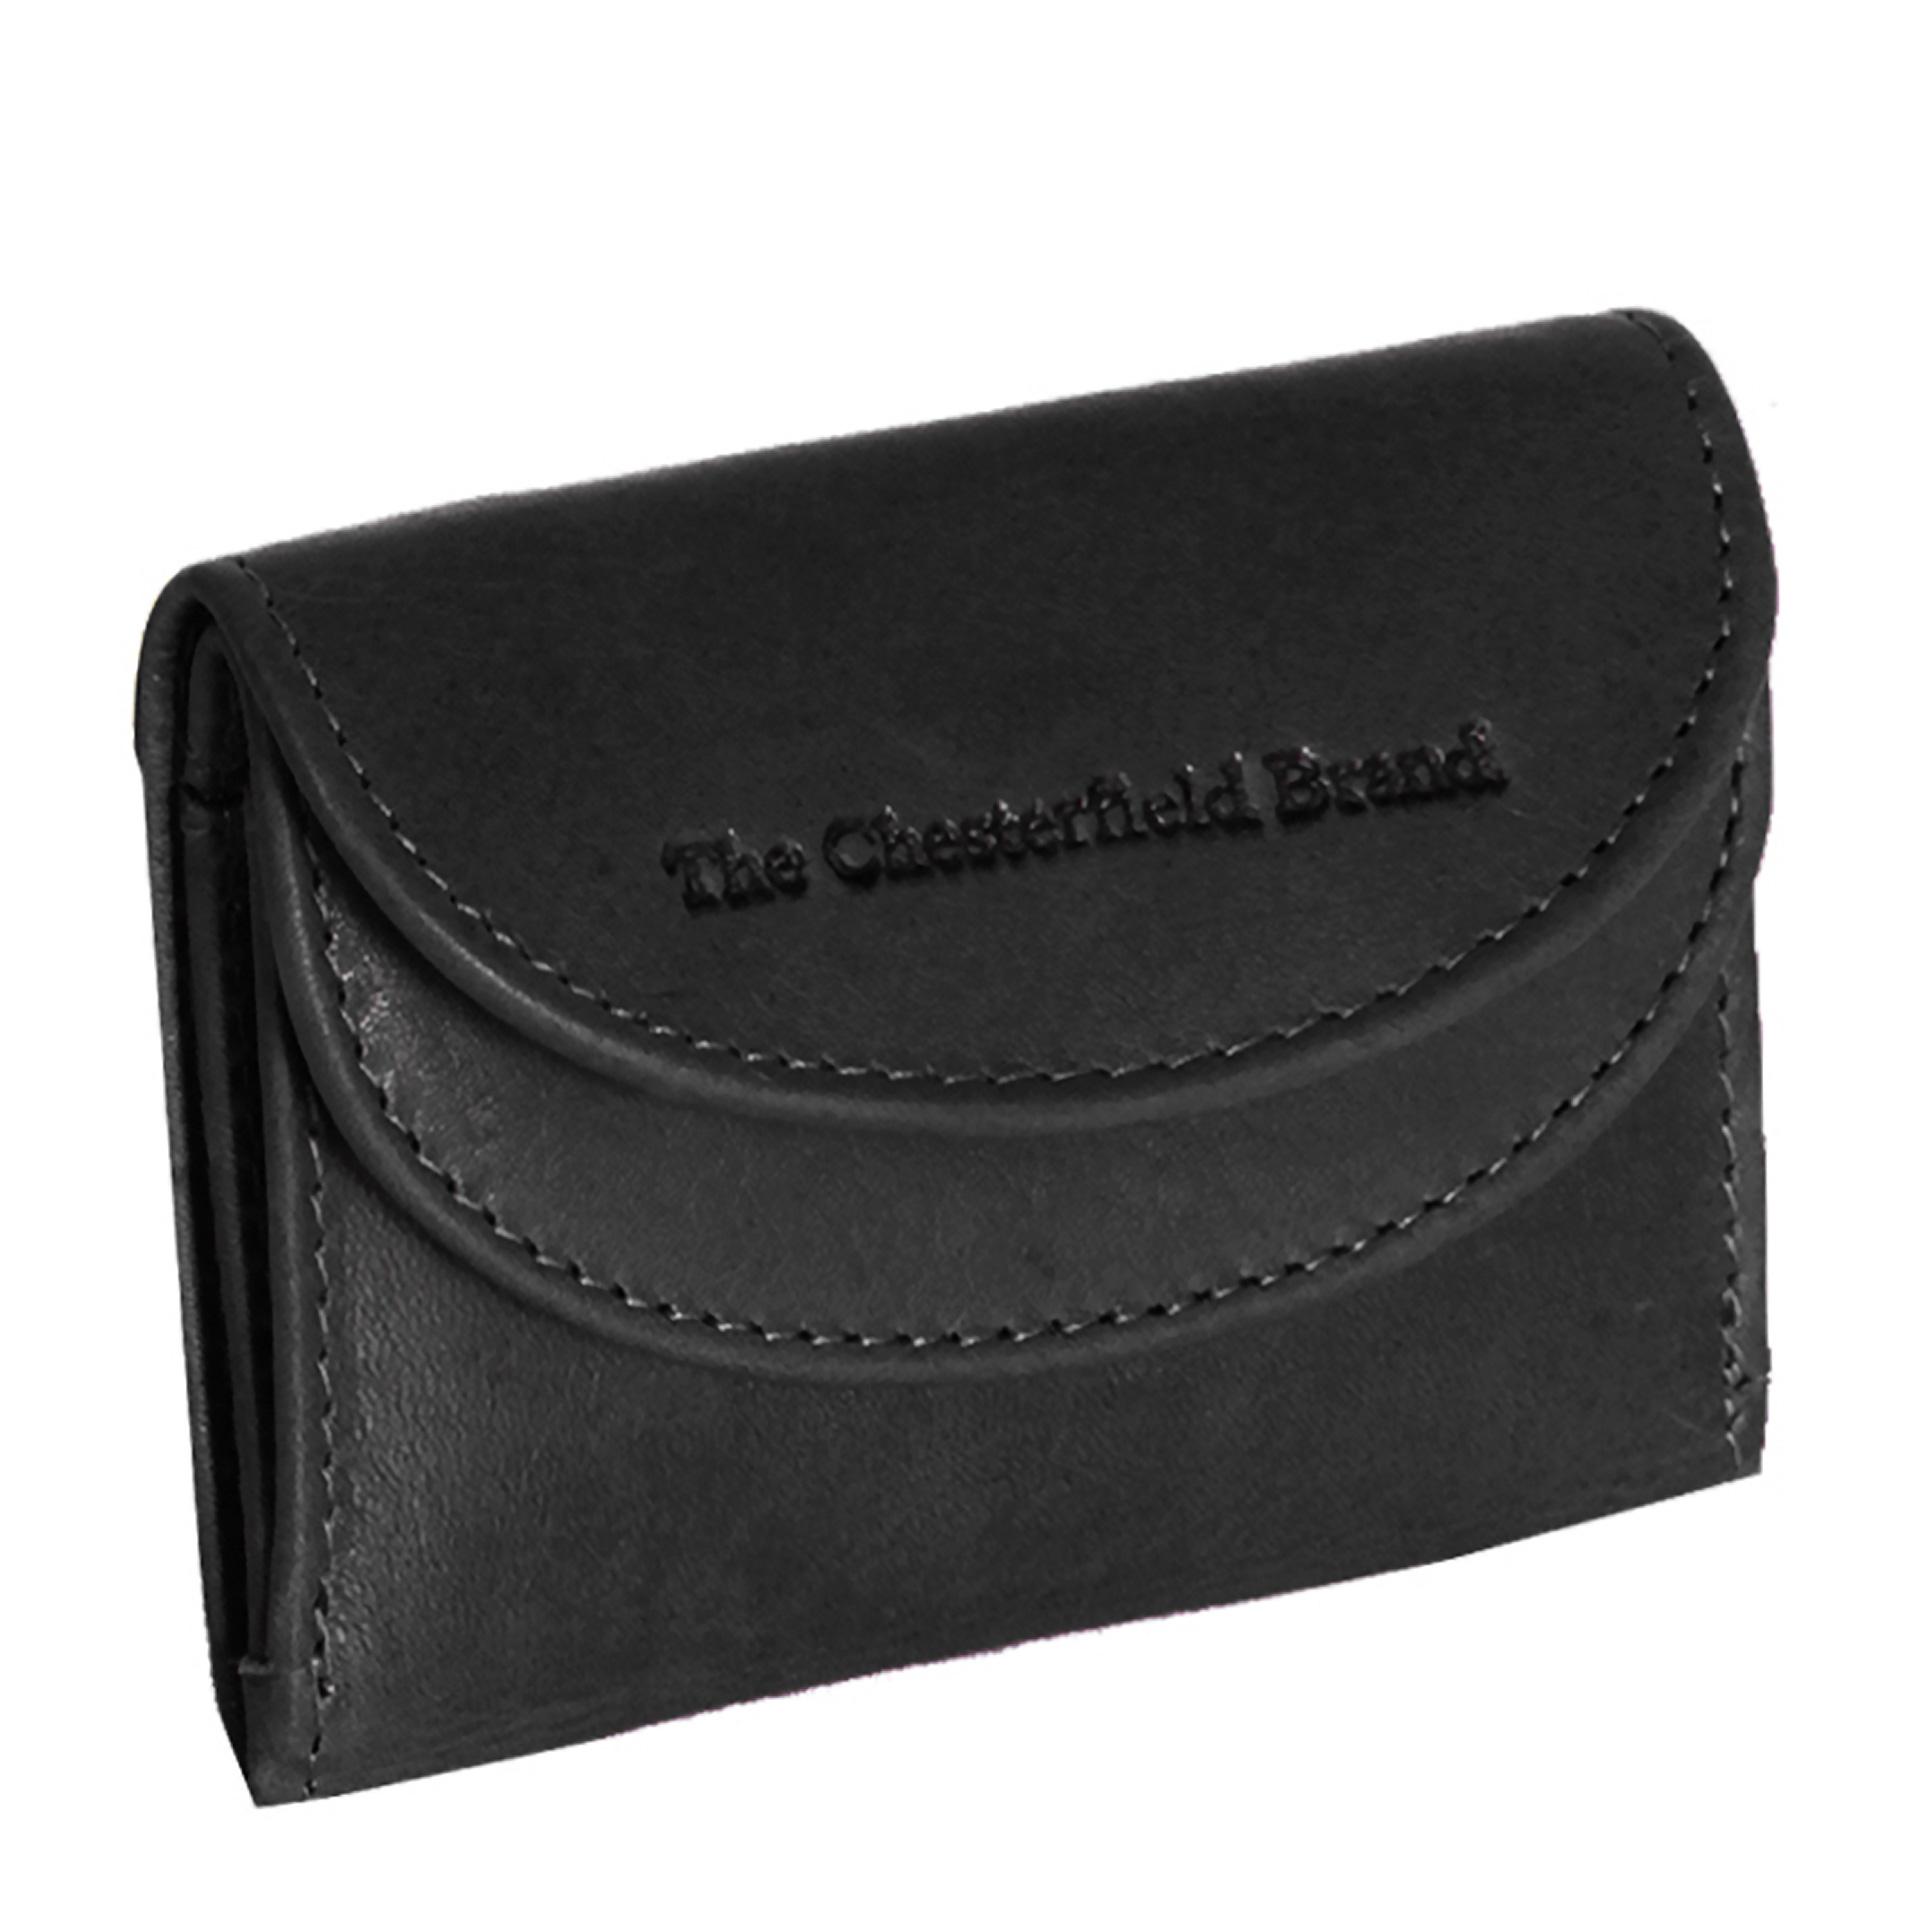 The Chesterfield Brand Alma Geldbörse klein schwarz